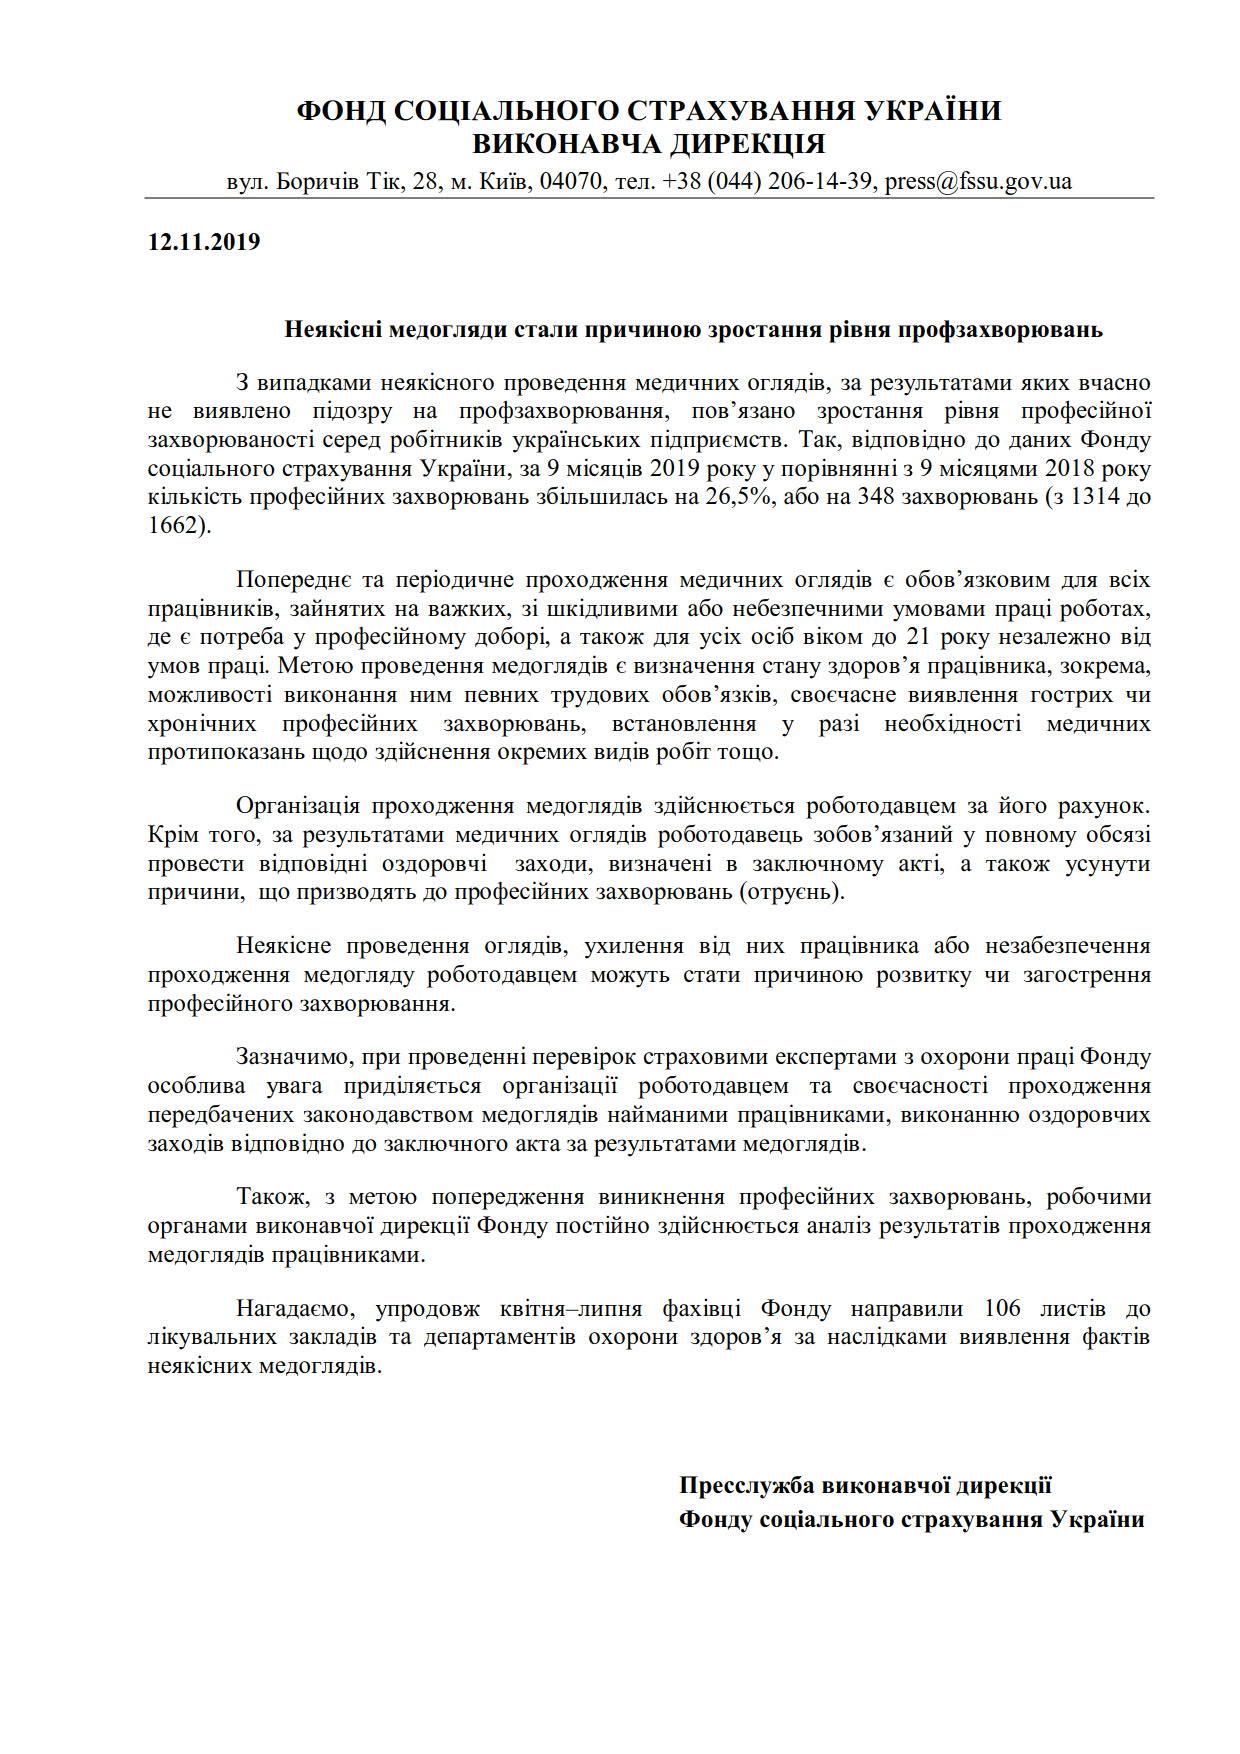 ФССУ_Медичні огляди_1